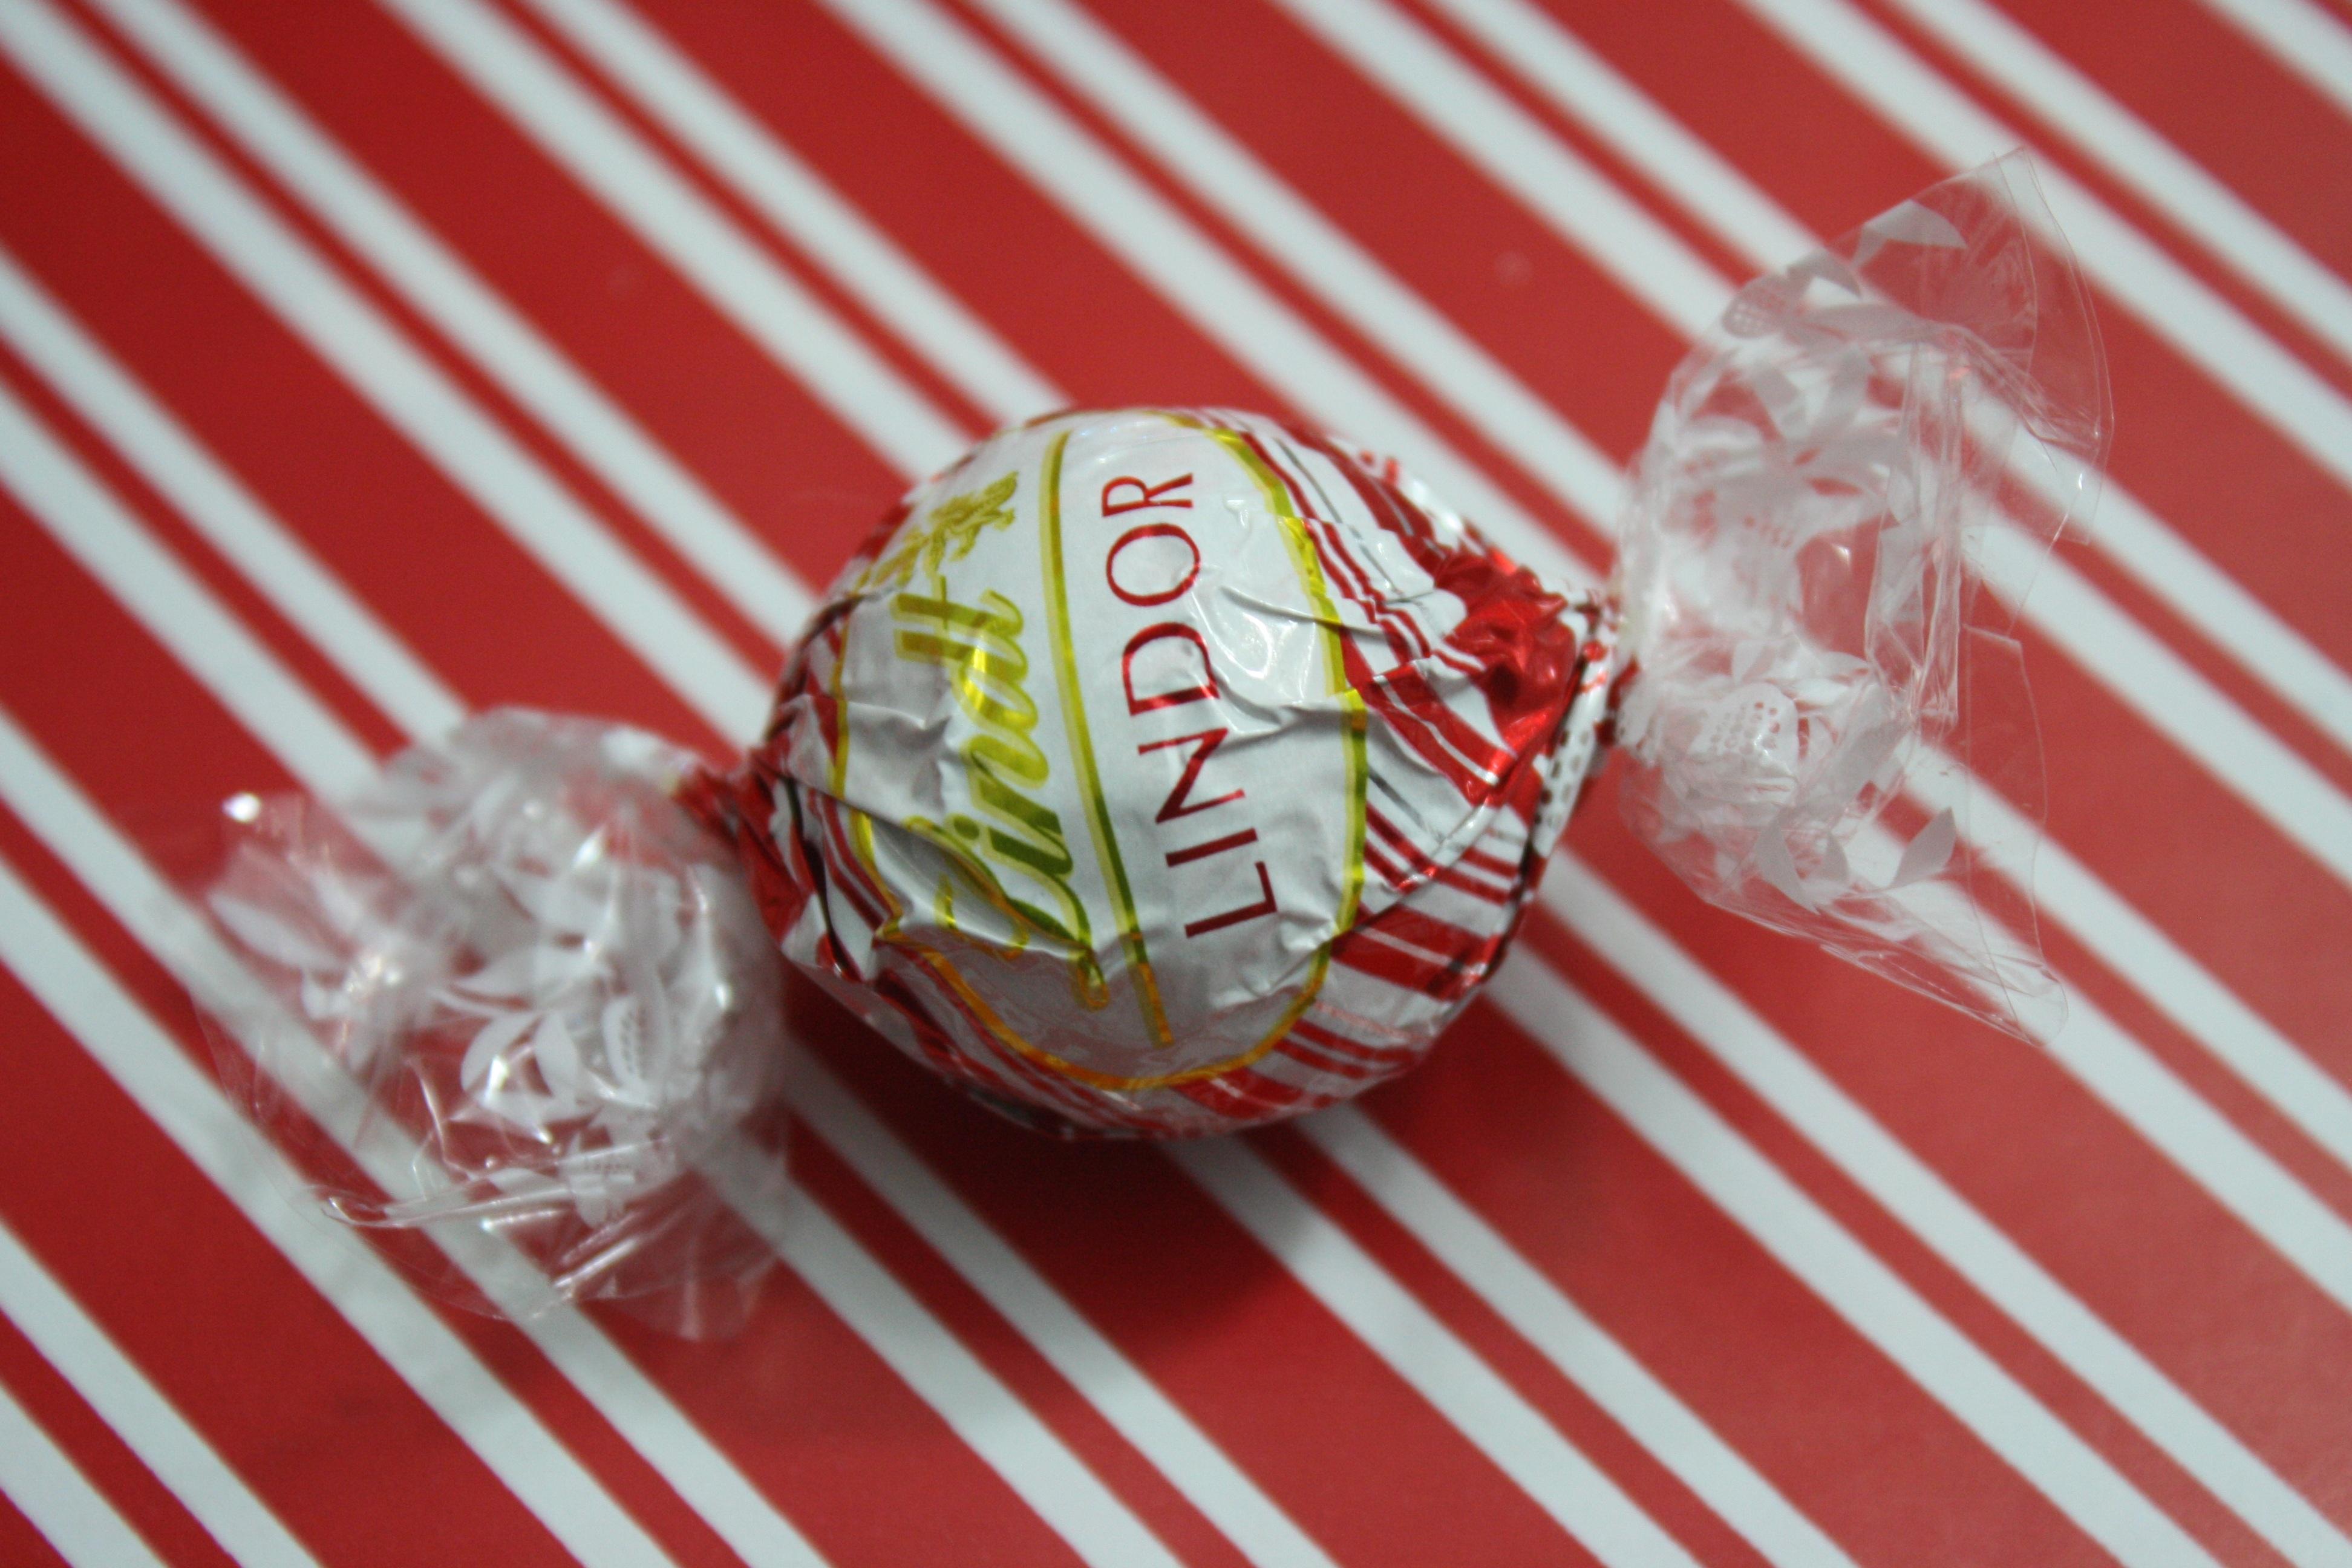 Kostenlose foto : süß, Geschenk, Lebensmittel, rot, Weihnachten ...